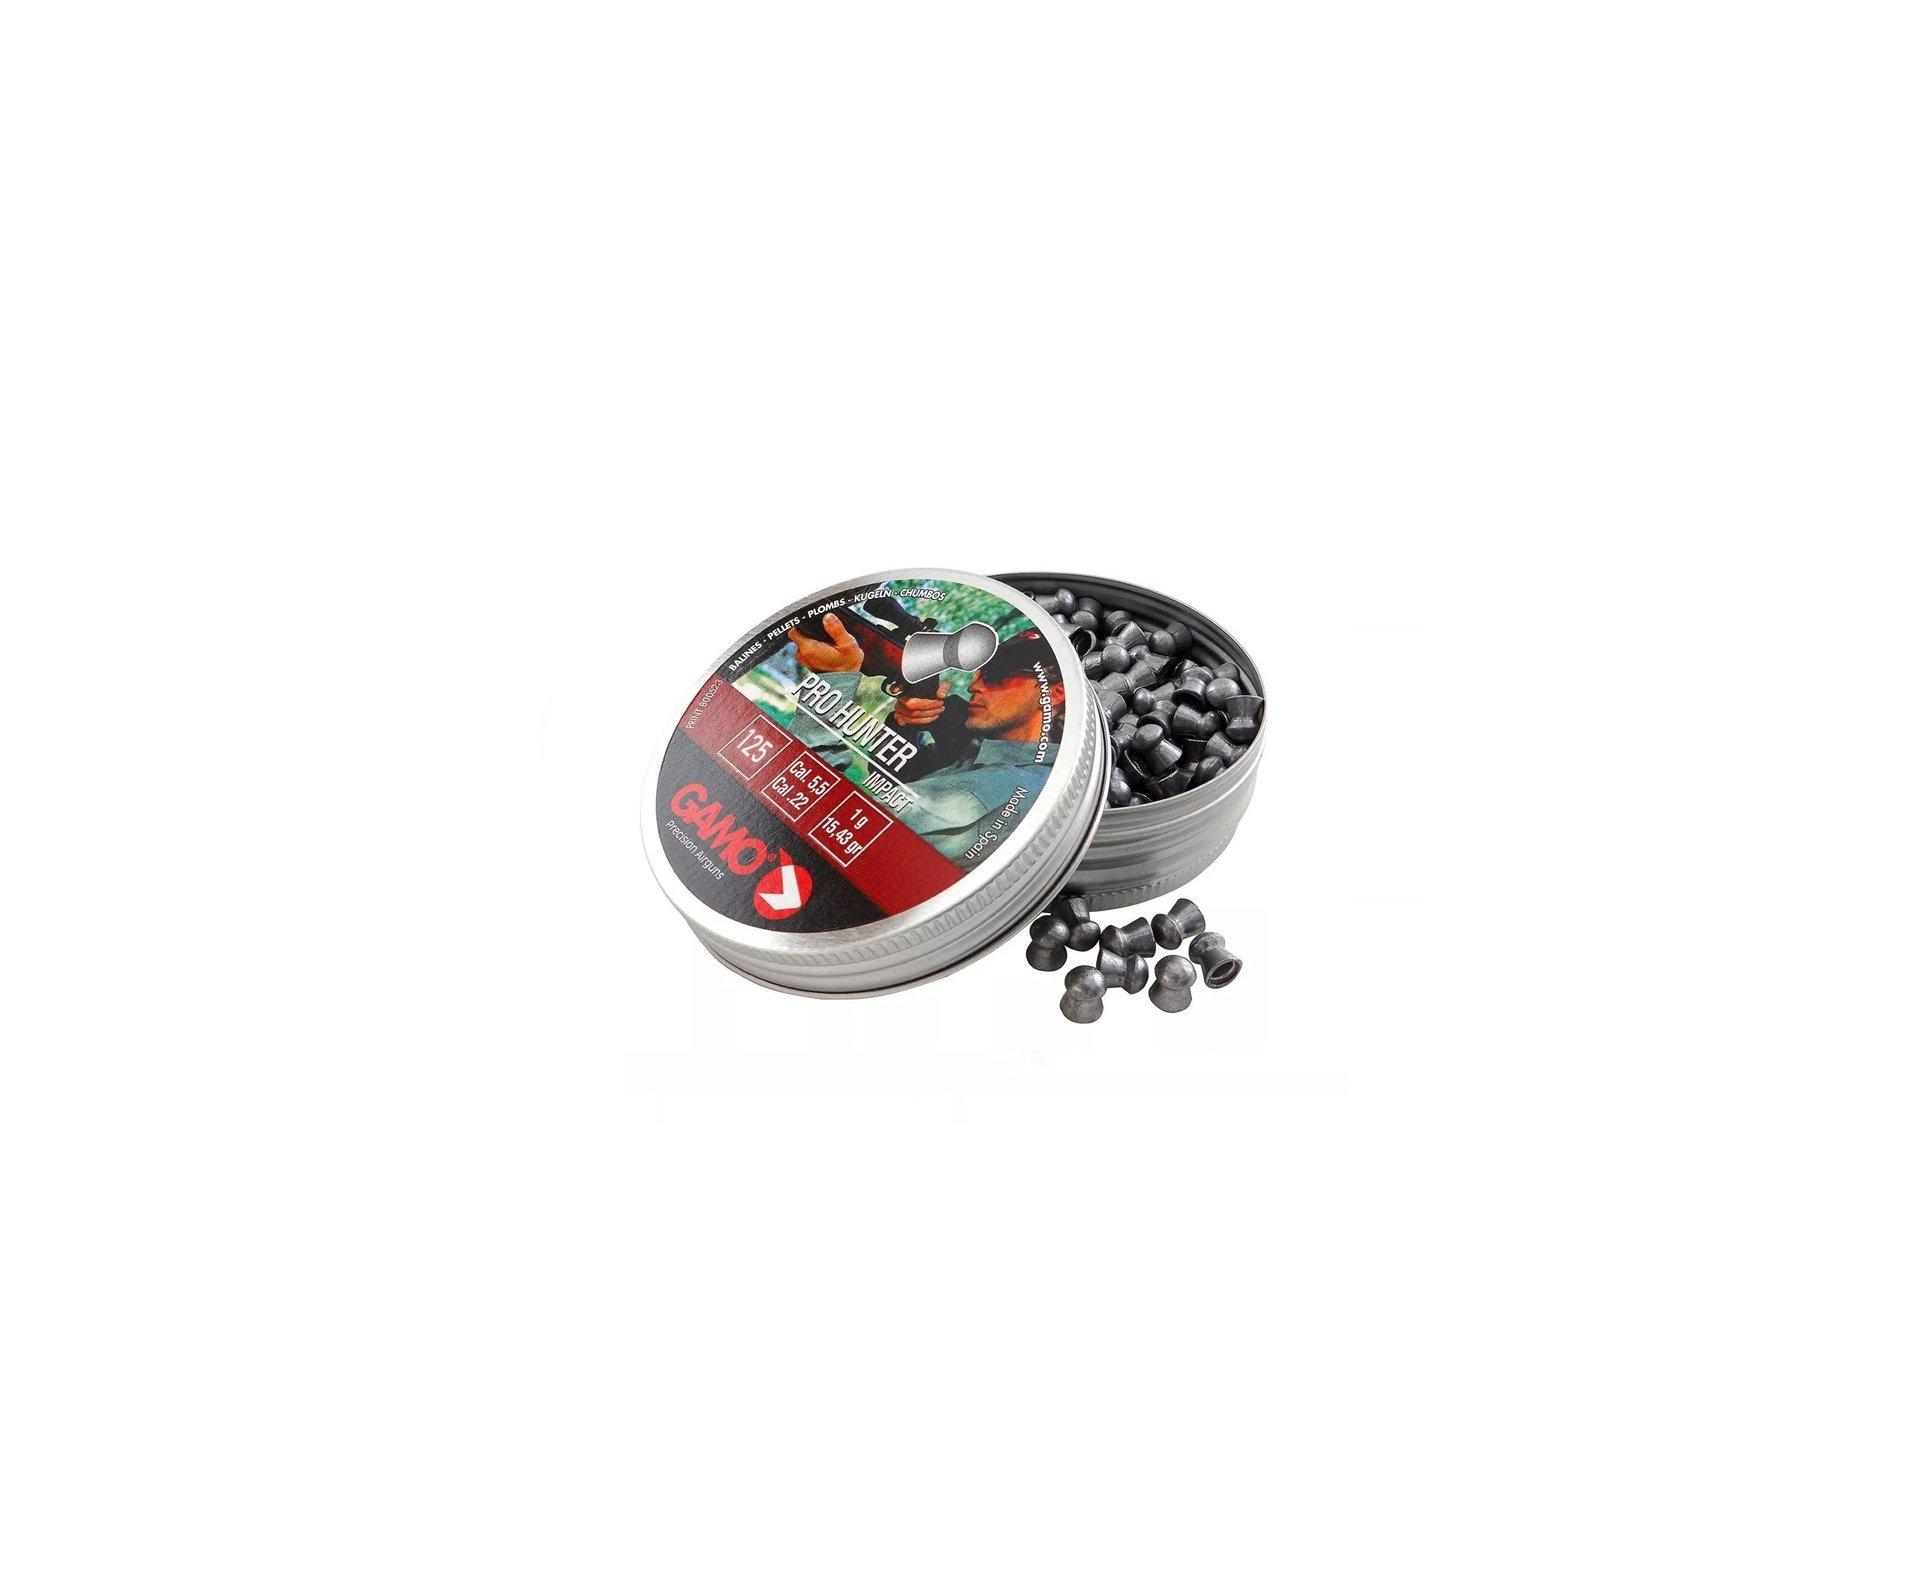 Chumbinho Gamo Pro Hunter 5,5mm Com 125und., Impacto, Precisão, Longa Distancia